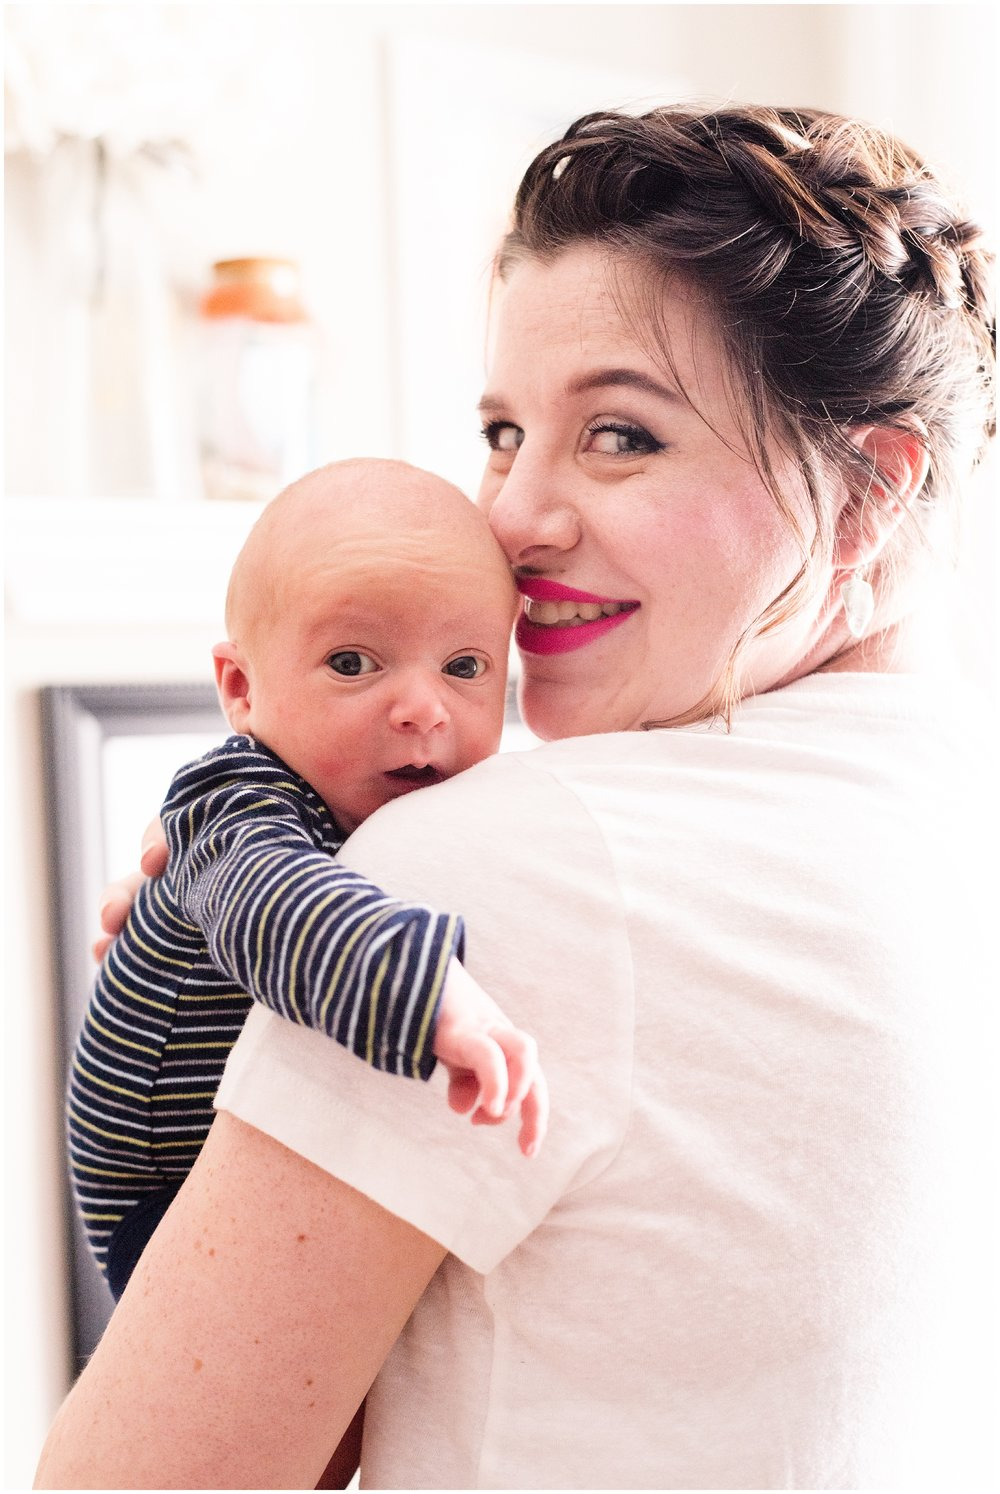 Milwaukee_Waukesha_Lifestyle_Newborn_Photography_birth_photographer_0023.jpg